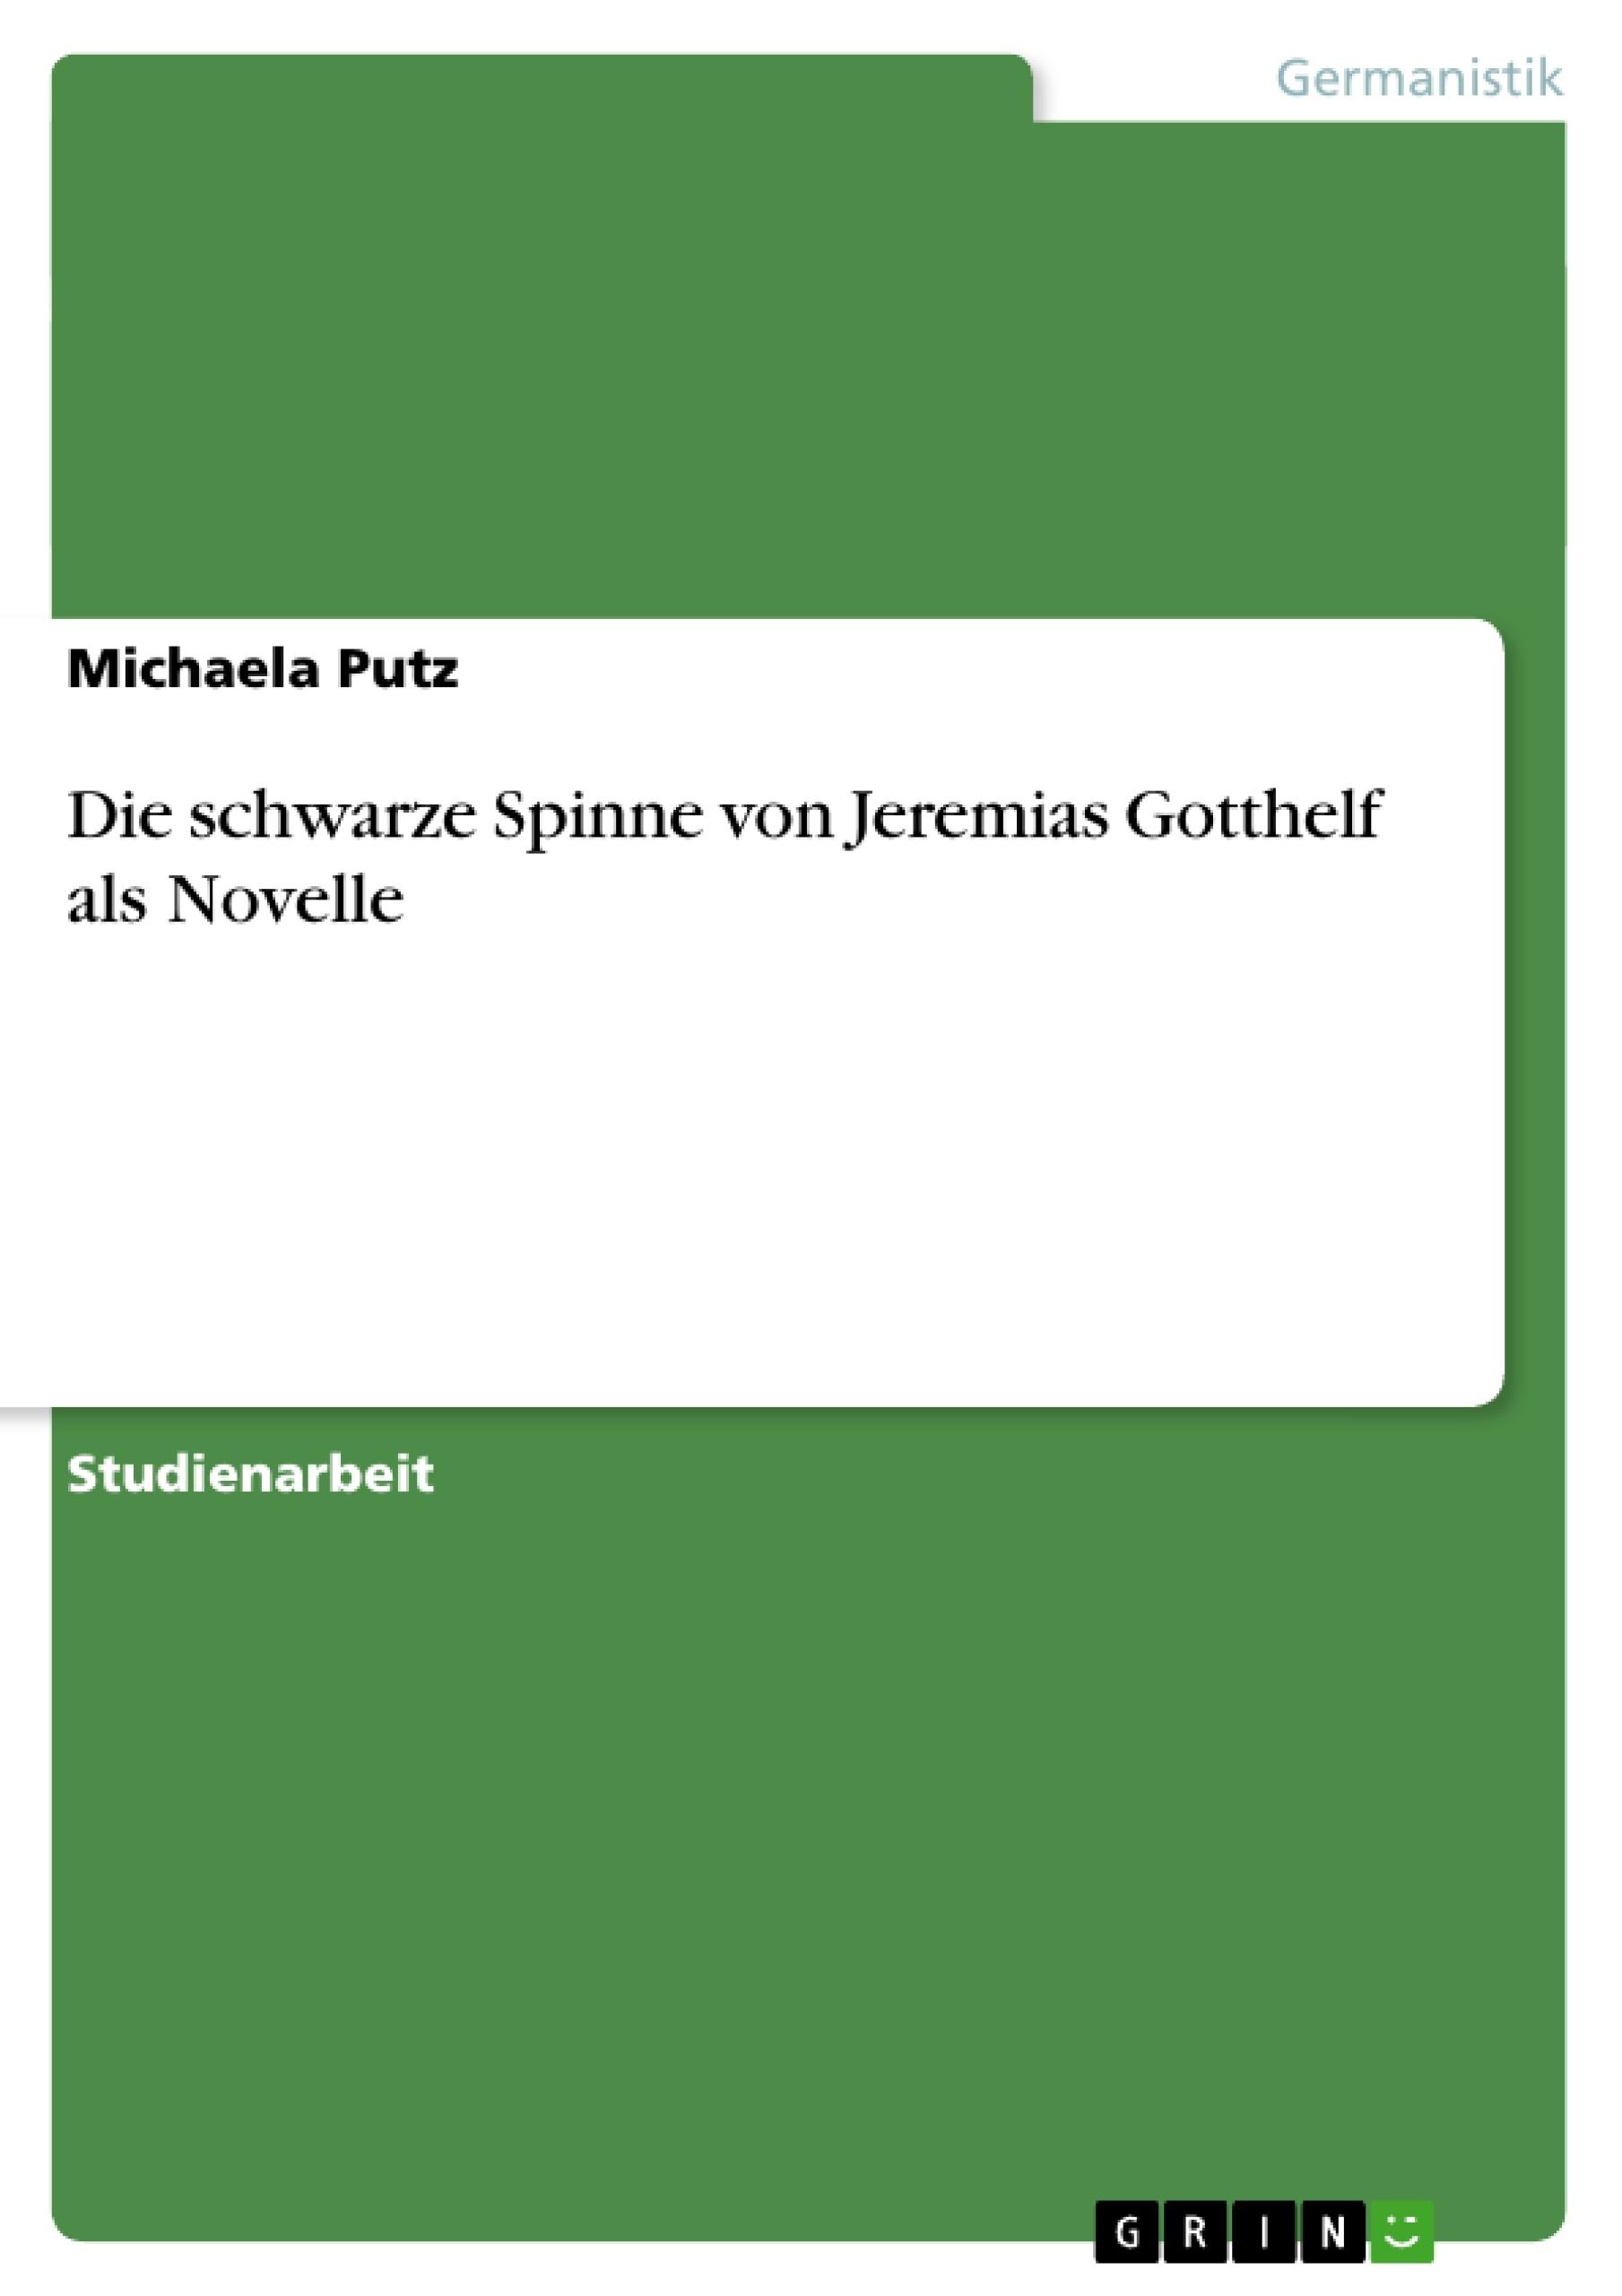 Titel: Die schwarze Spinne  von Jeremias Gotthelf als Novelle